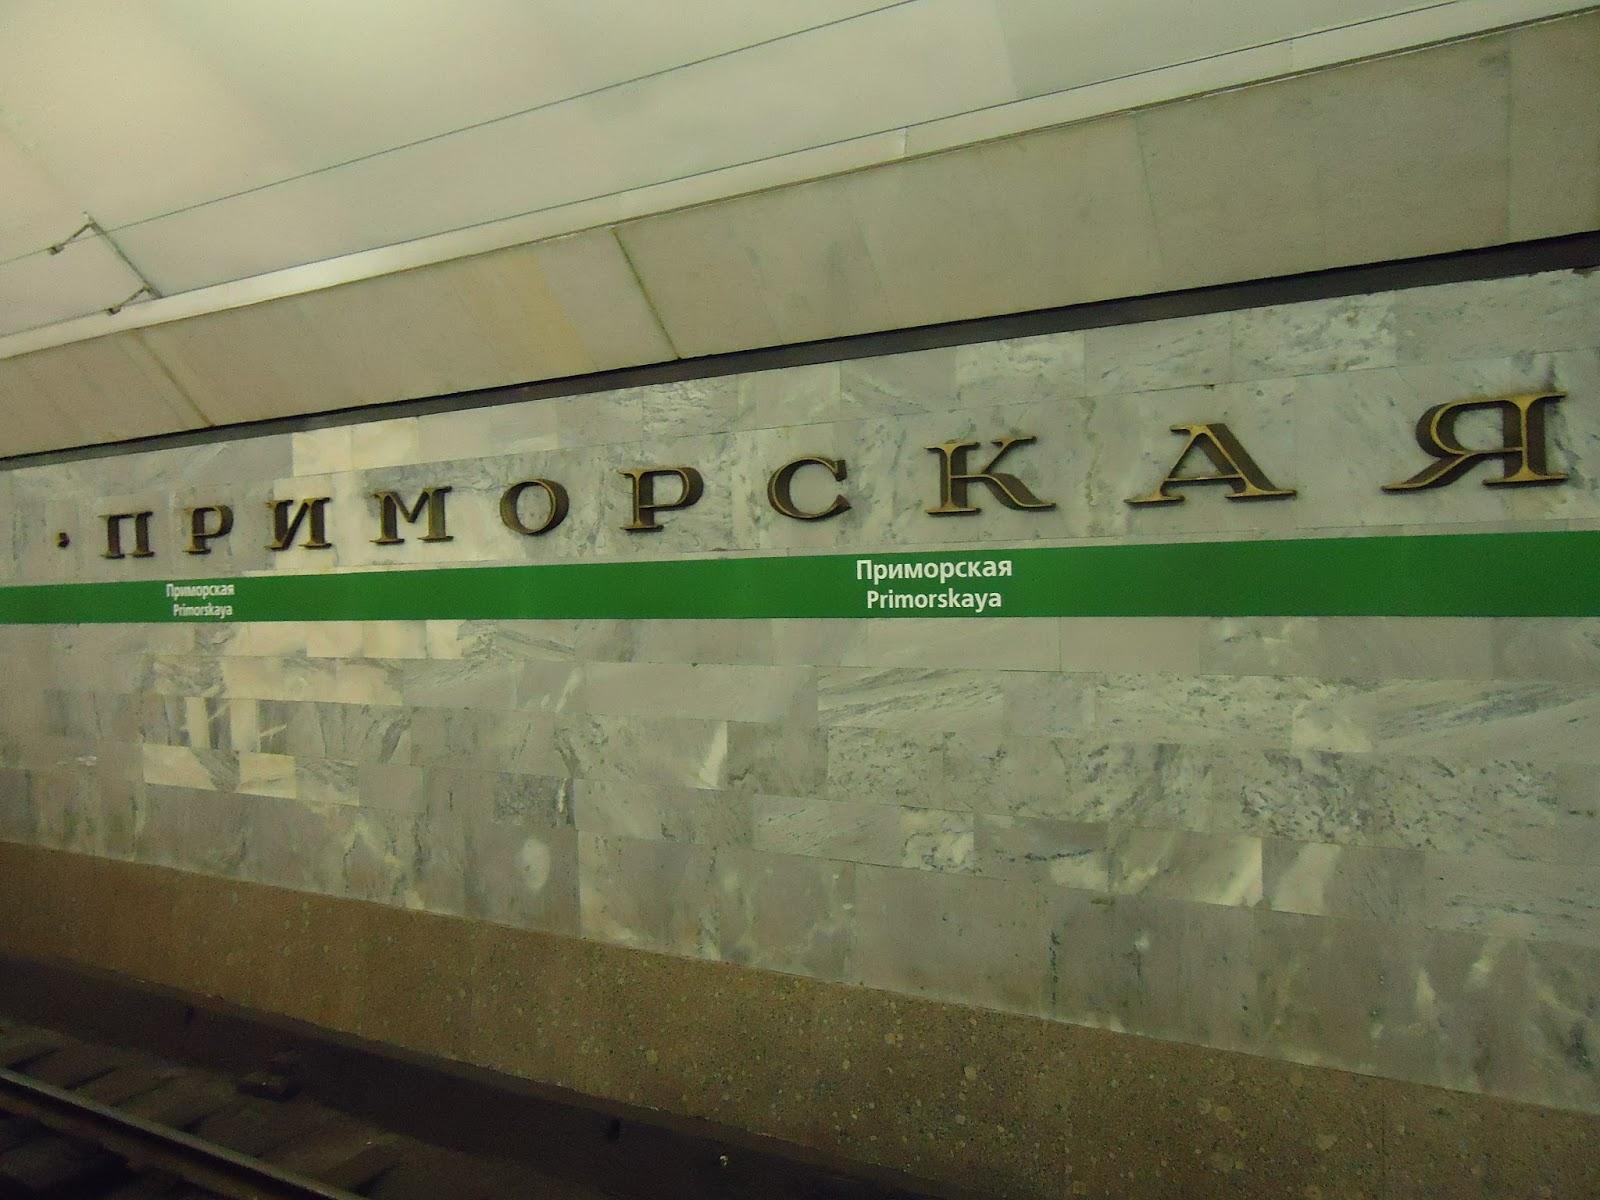 """Станция метро """"Приморская"""". Источник: http://blogspot.com"""